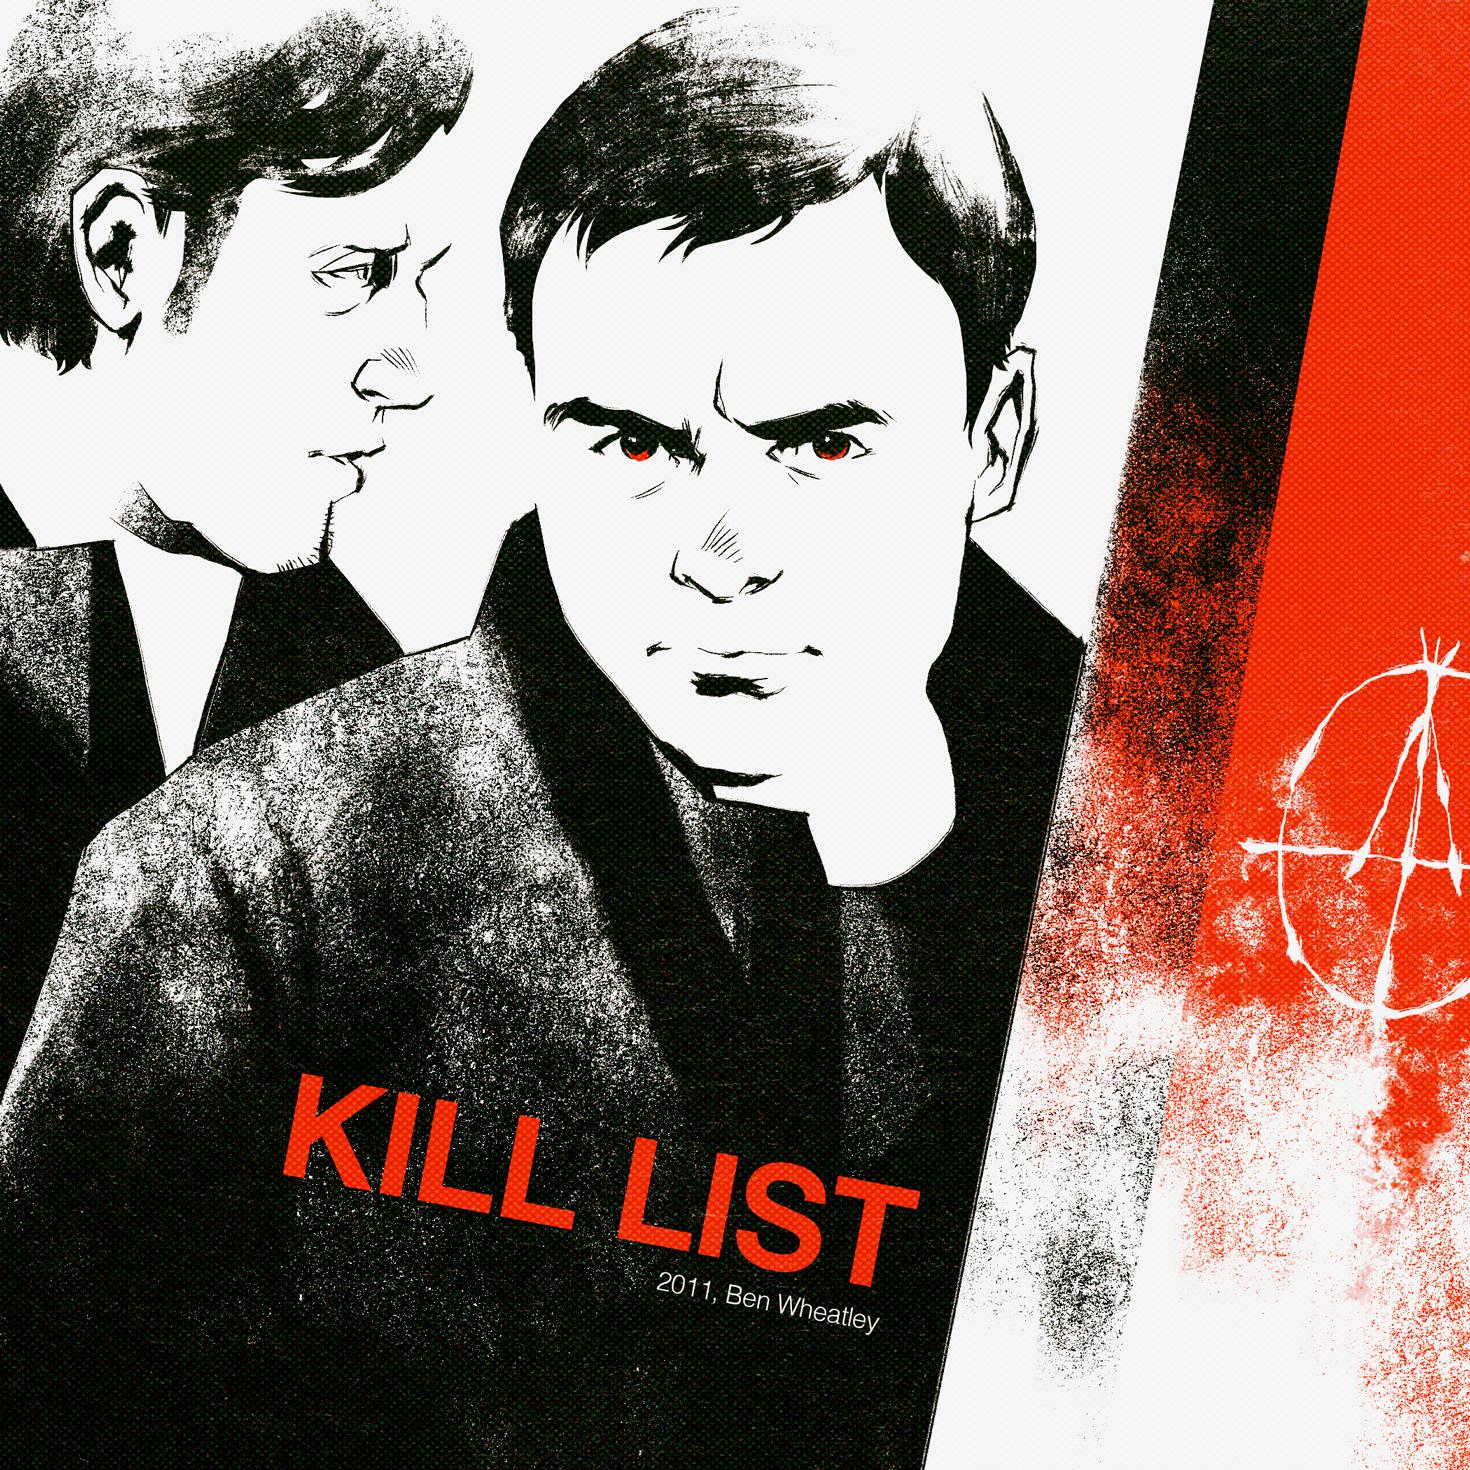 killist.jpg